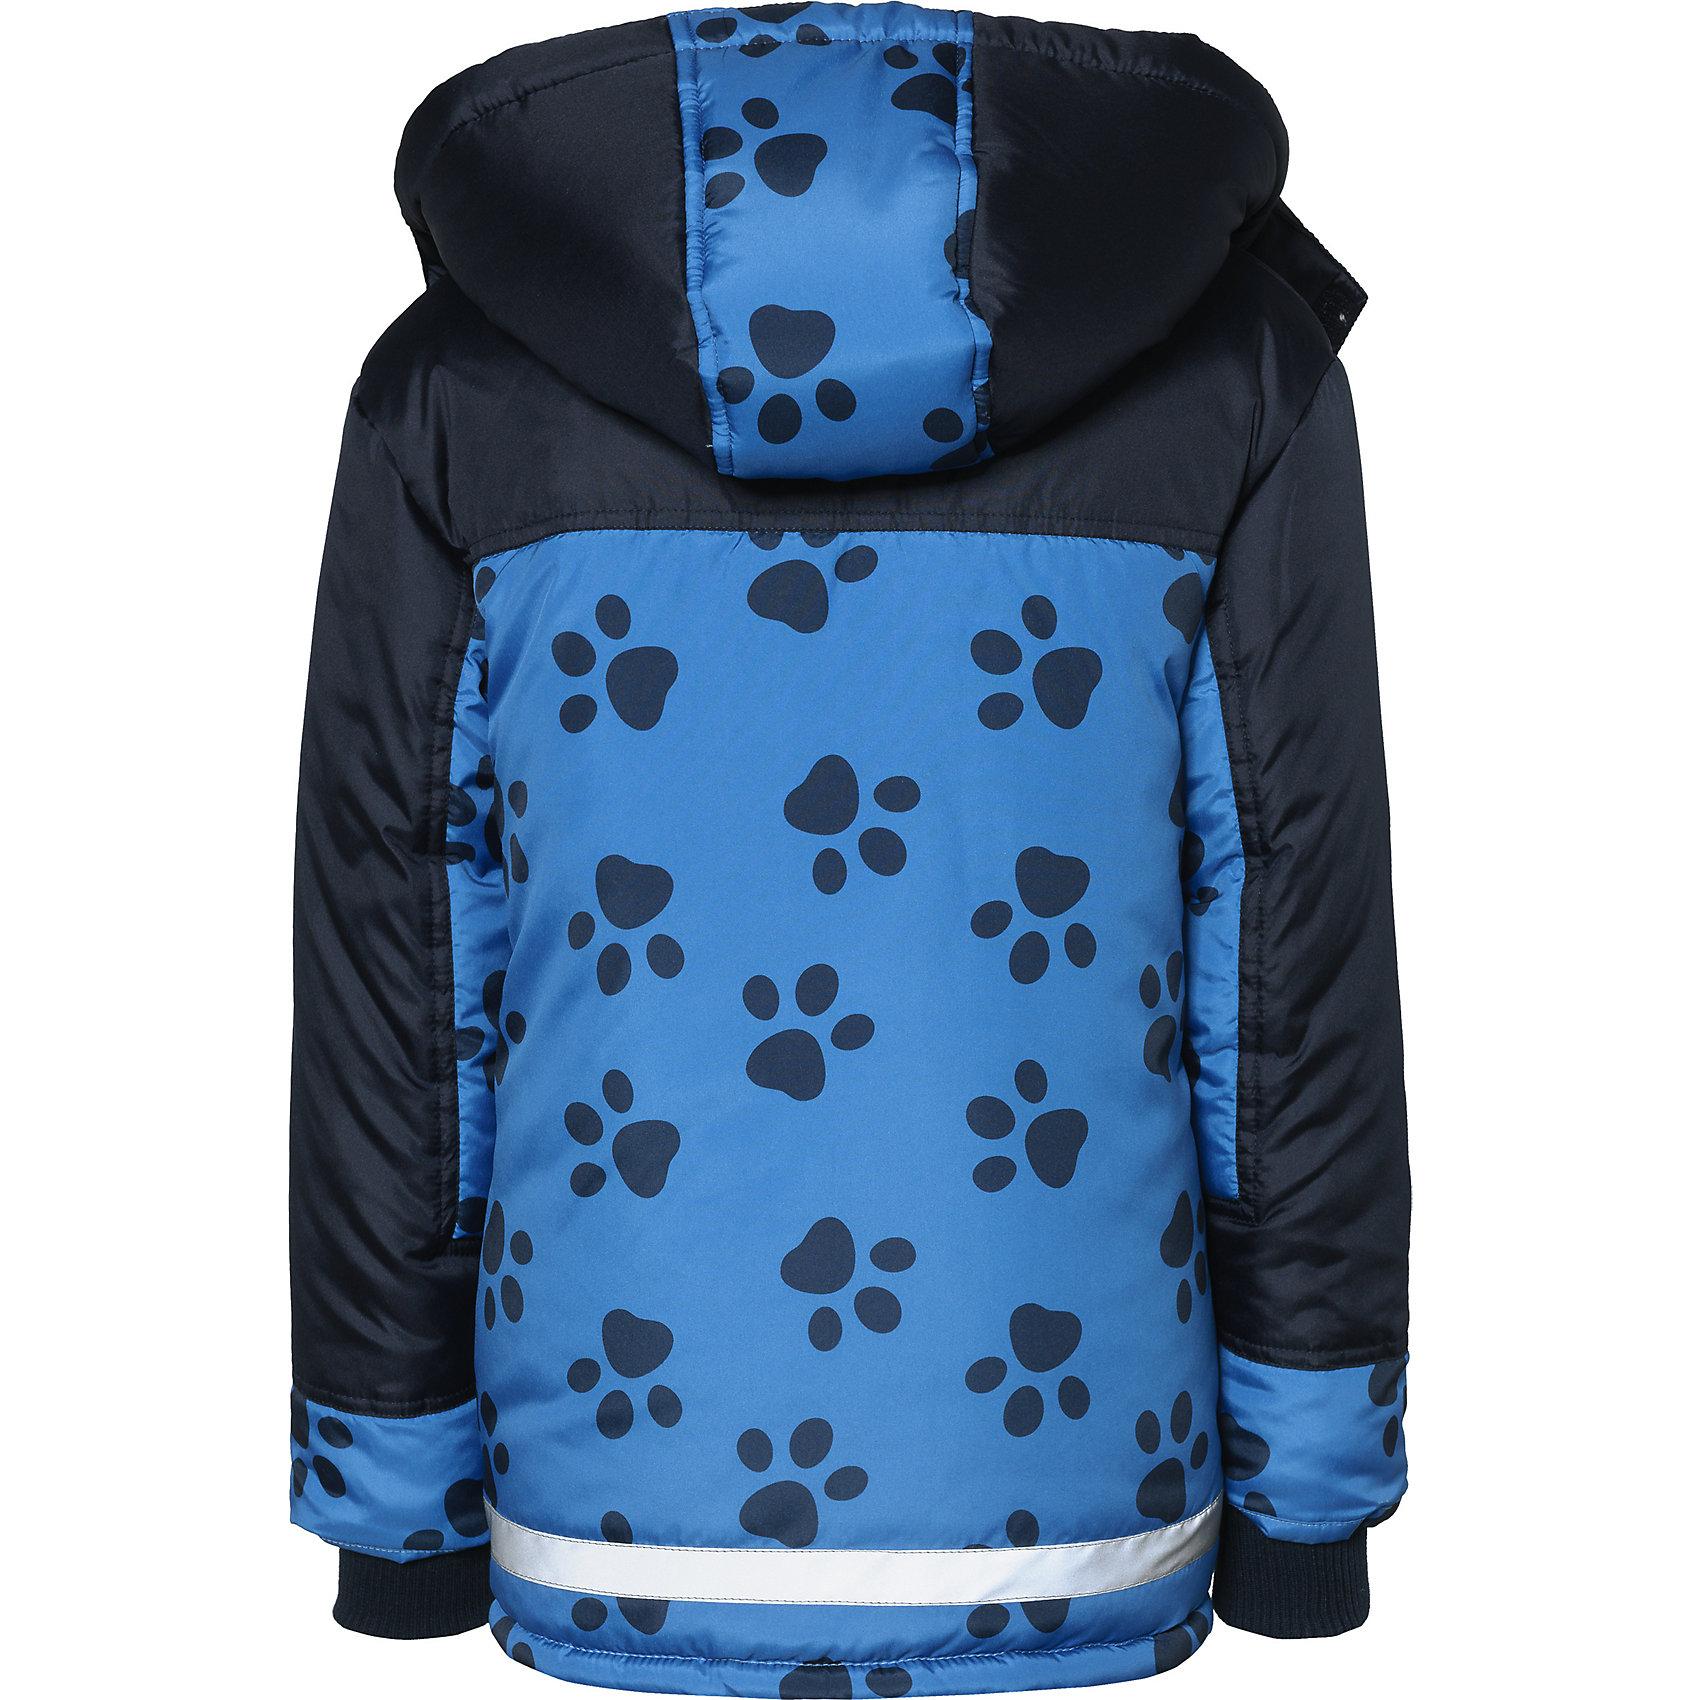 c680f05a3d Neu PAW Patrol Winterjacke für Jungen 8539724 für Jungen blau   eBay